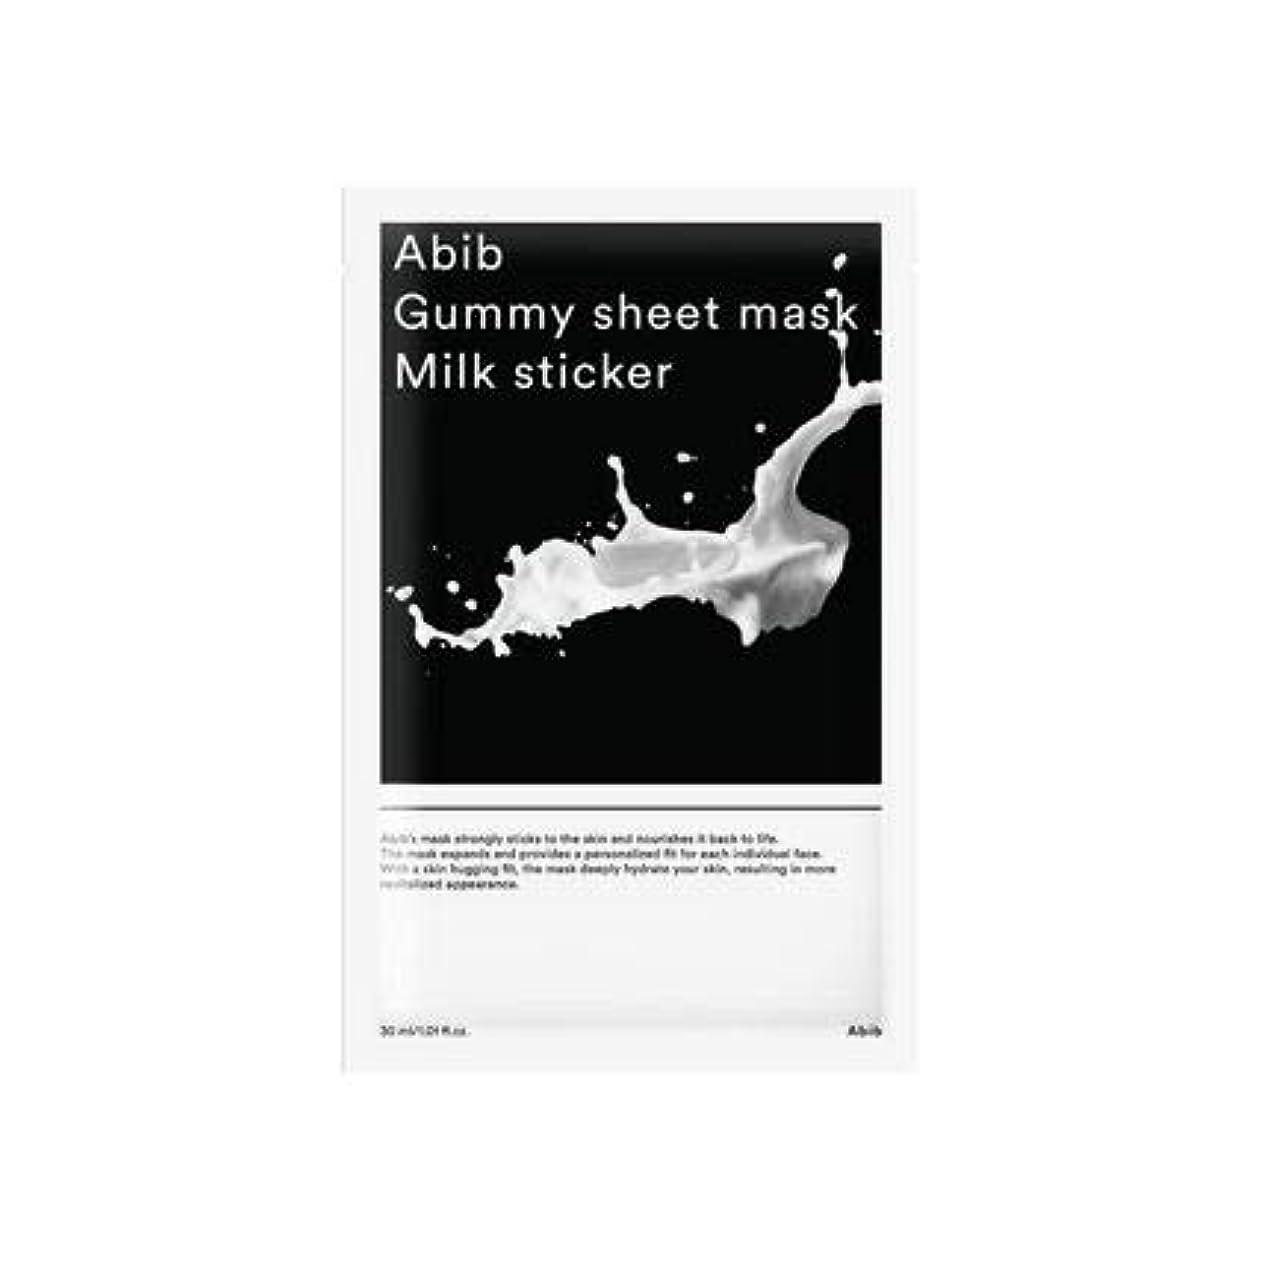 改修するいう犯罪[Abib] アイブガムのくるみシートマスクミルクステッカー 30mlx10枚 / ABIB GUMMY SHEET MASK MILK STICKER 30mlx10EA [並行輸入品]